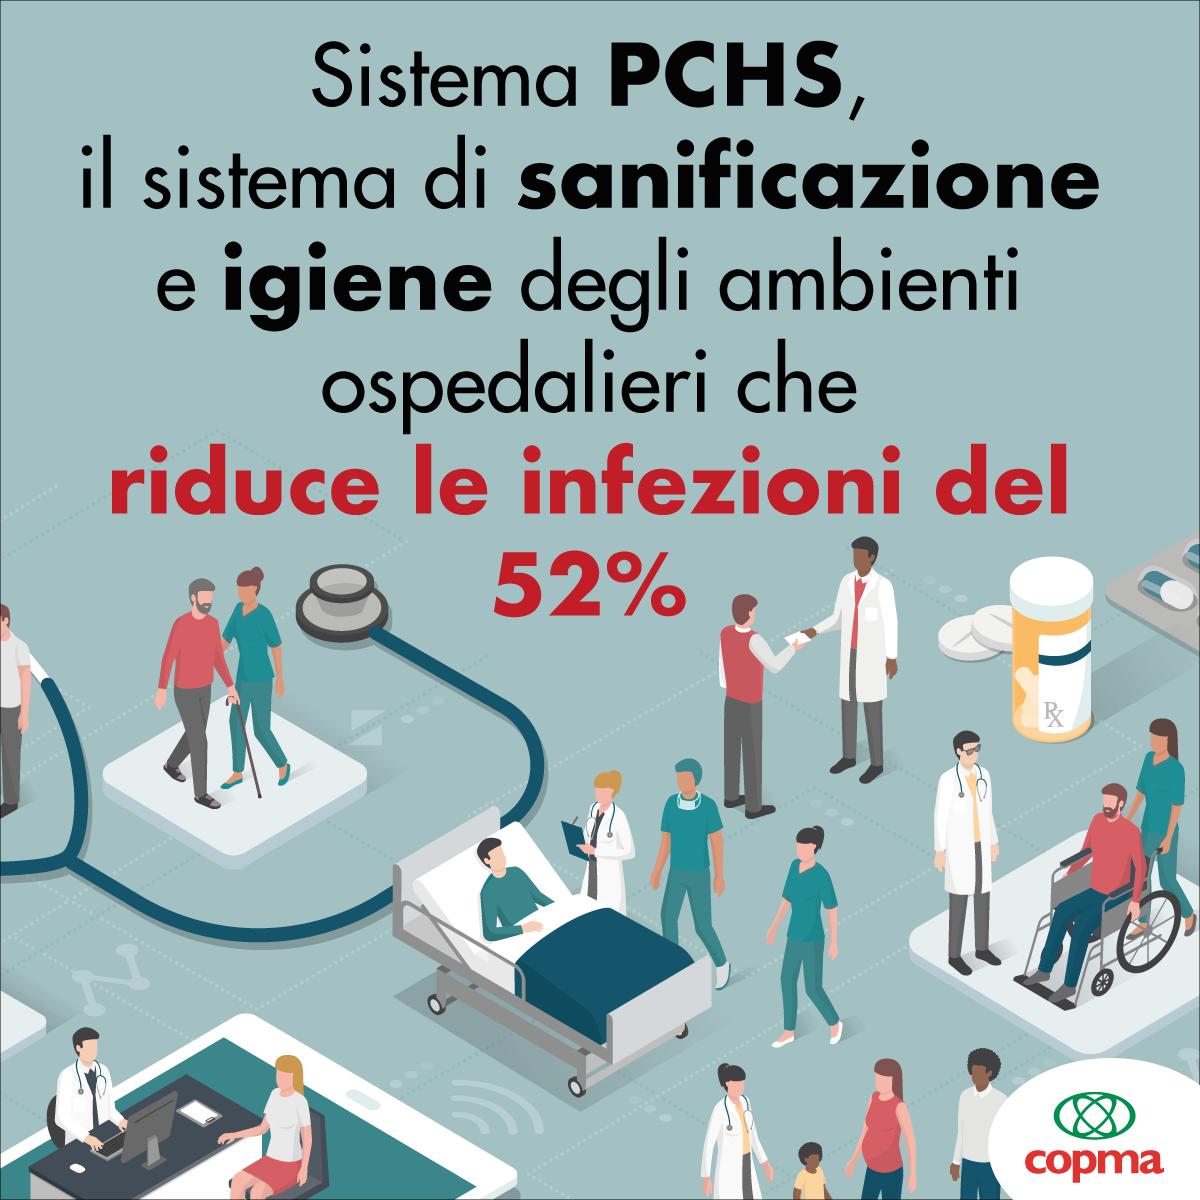 Copma: con il sistema di sanificazione PCHS risparmi fino a 457 milioni di euro per la Sanità. Pubblicata la ricerca